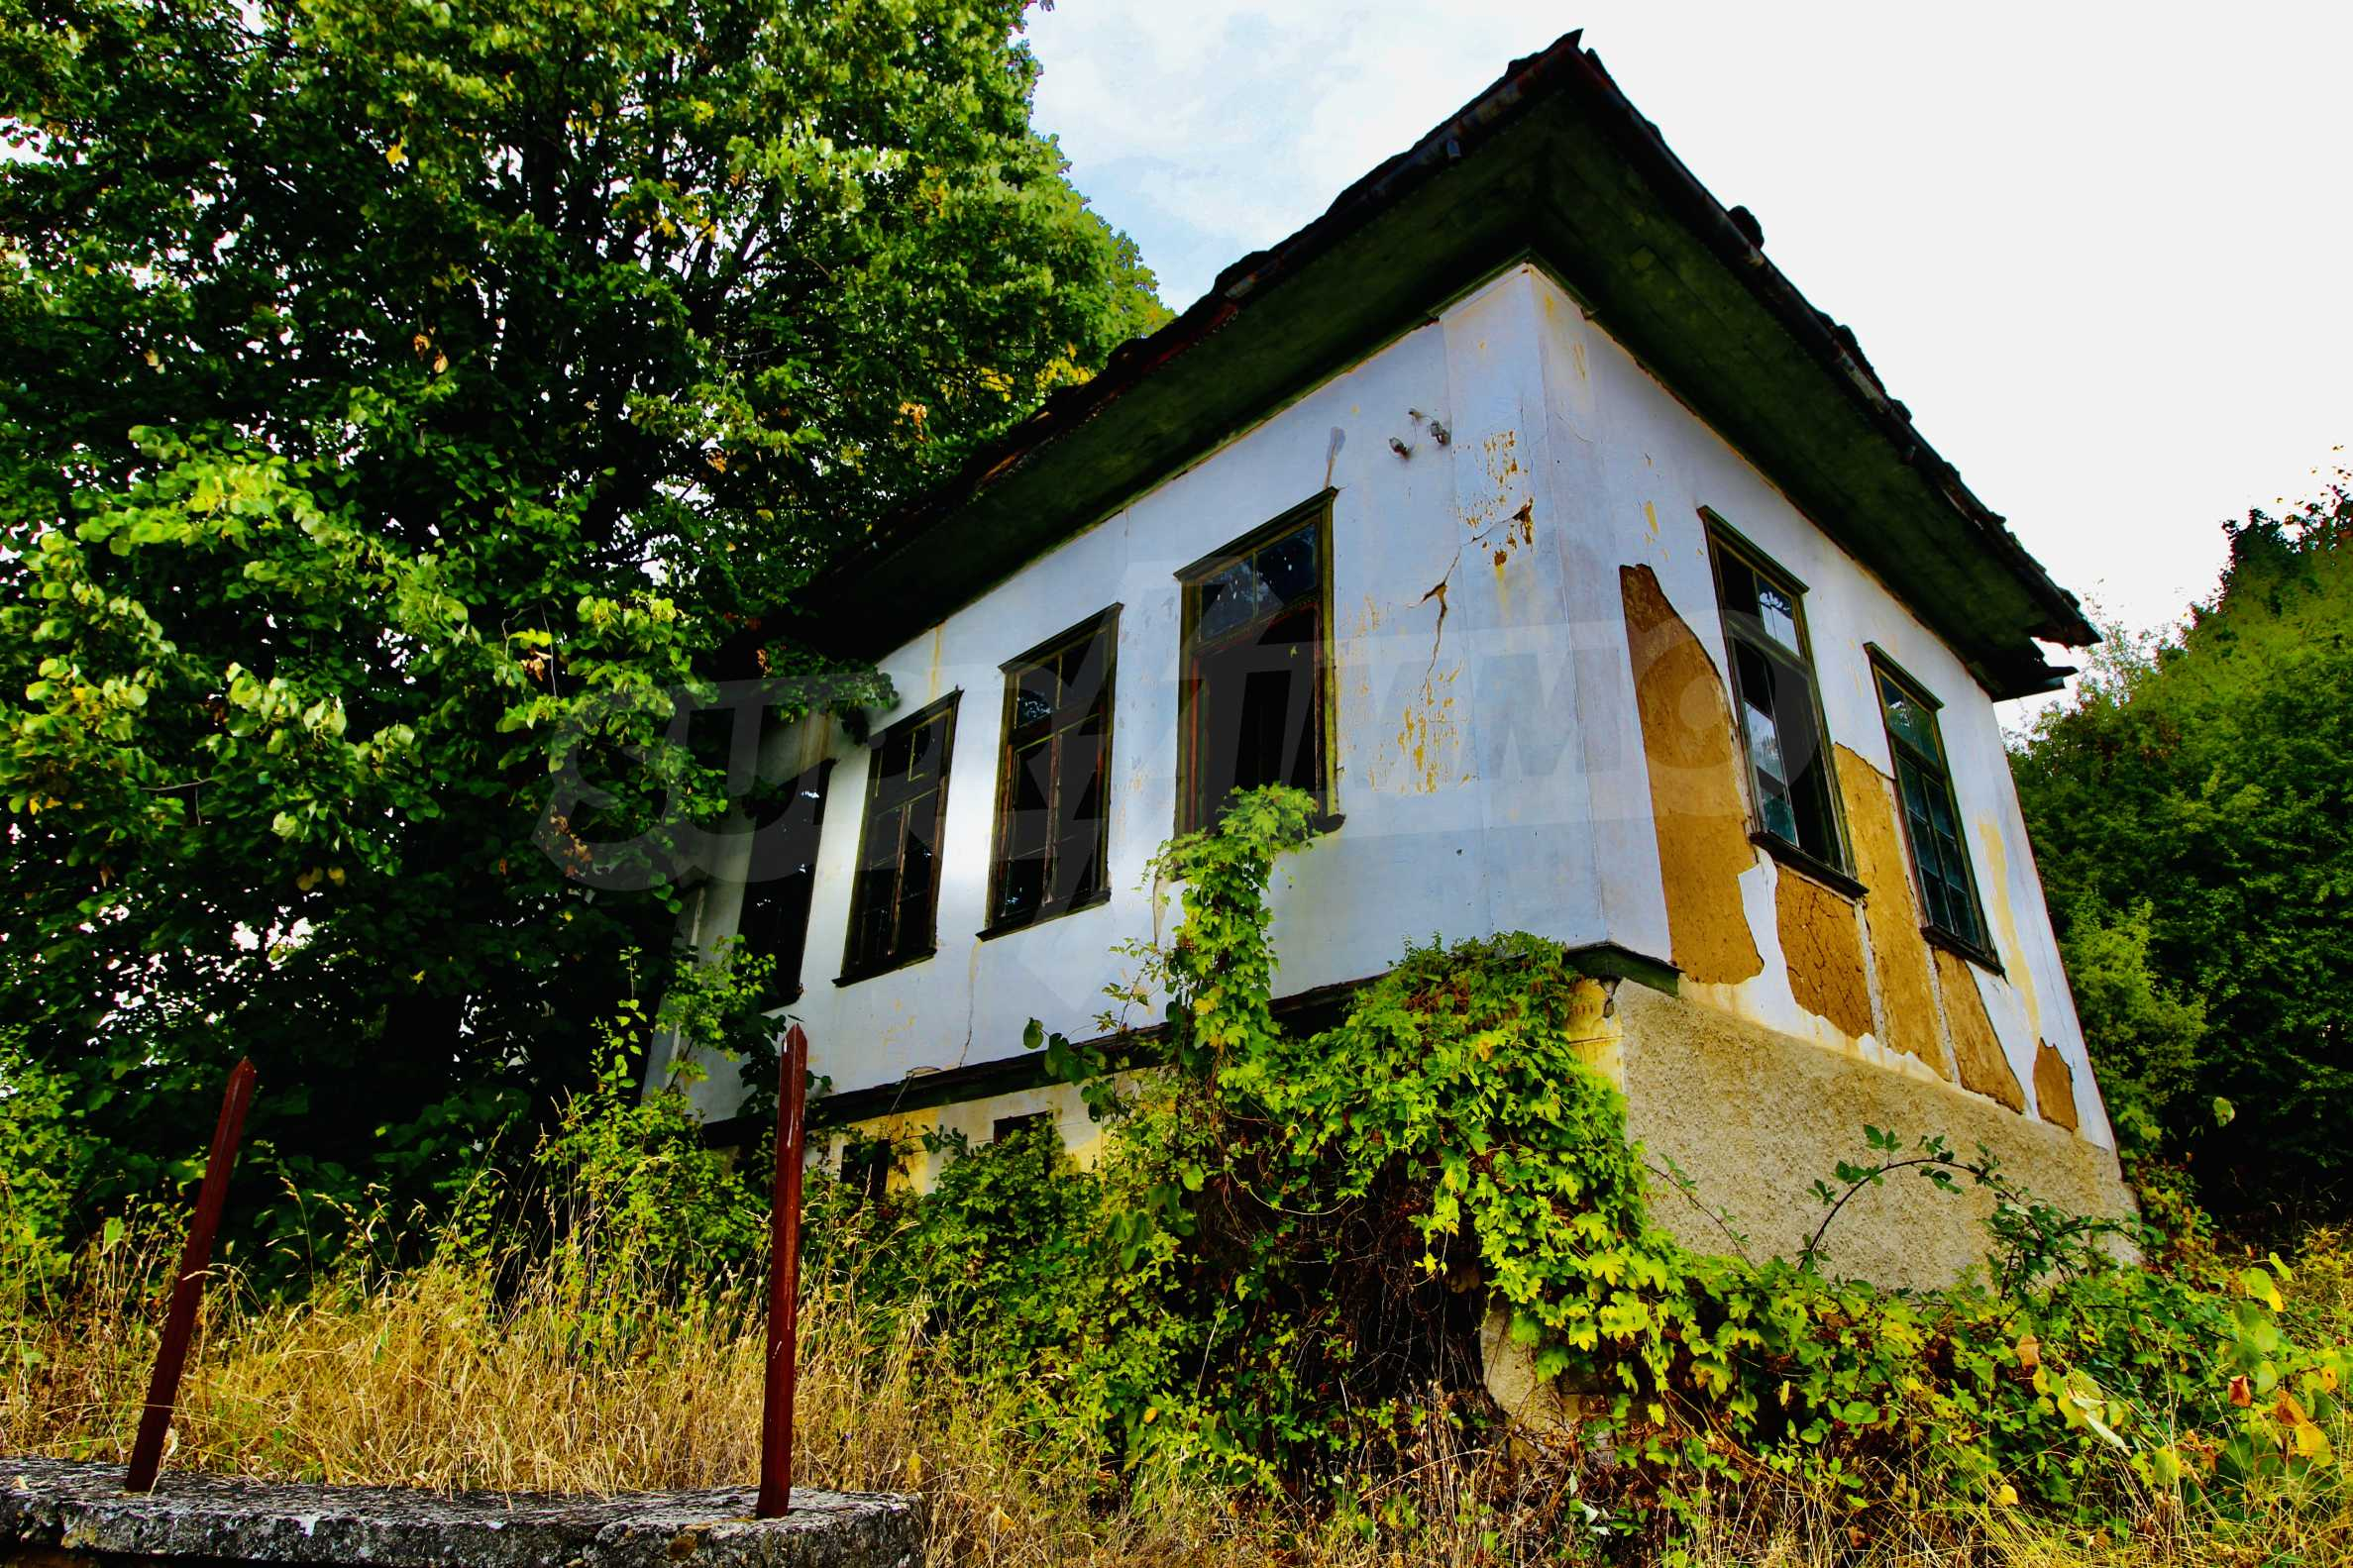 Старая  школа, построенная из камня, в чистом районе между городами Дряново и Трявна 7